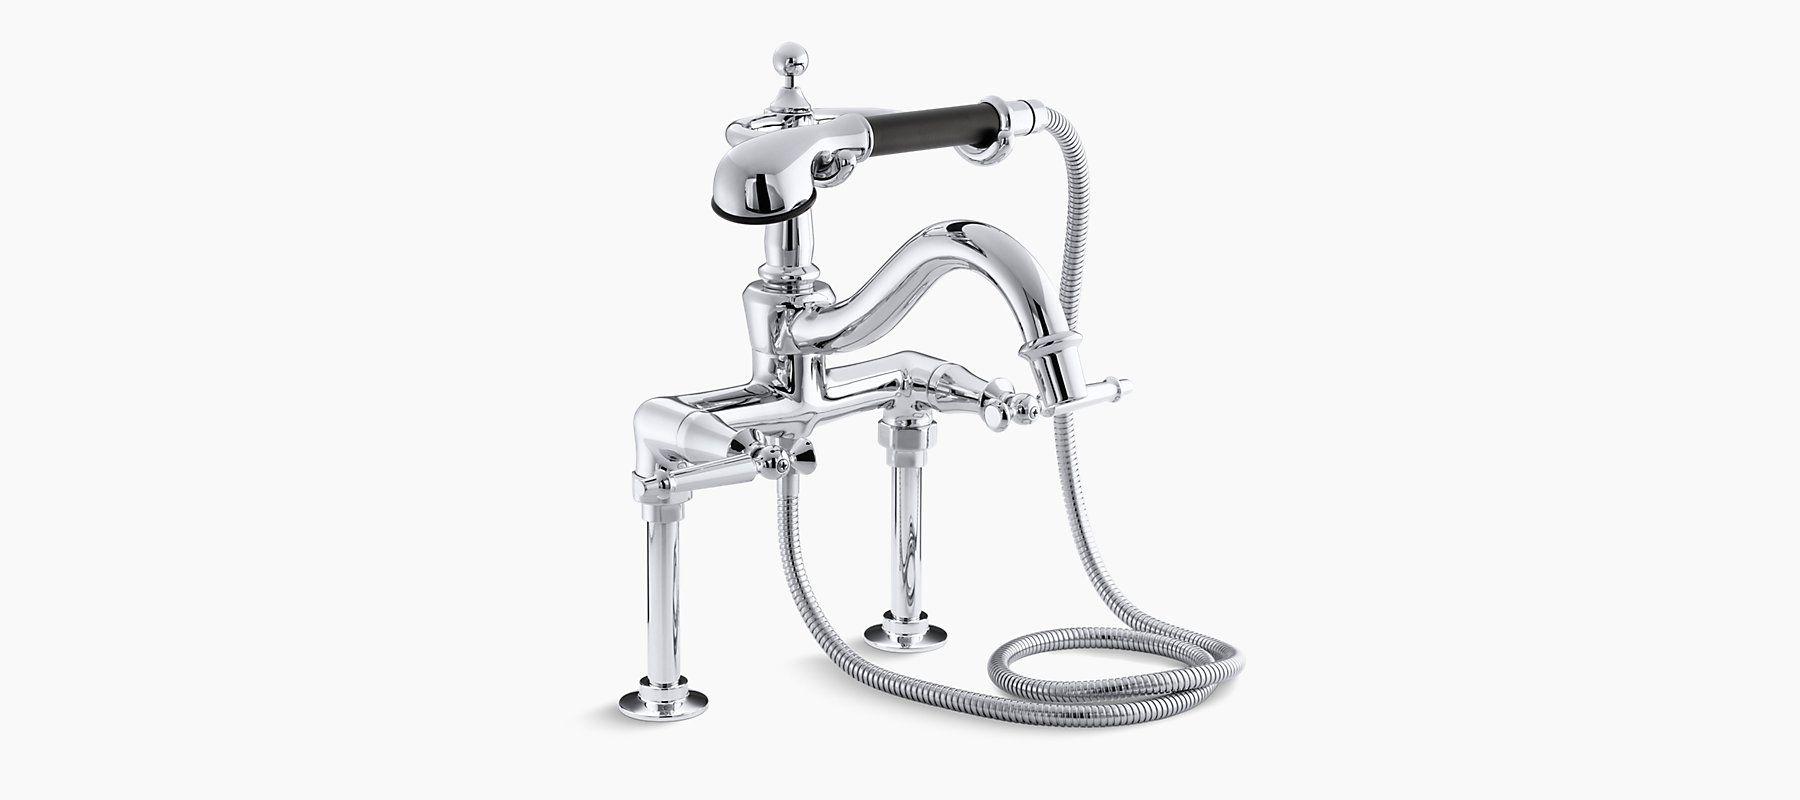 K-110-4 | Antique Bath Faucet with Handshower | KOHLER | SRDGS ...